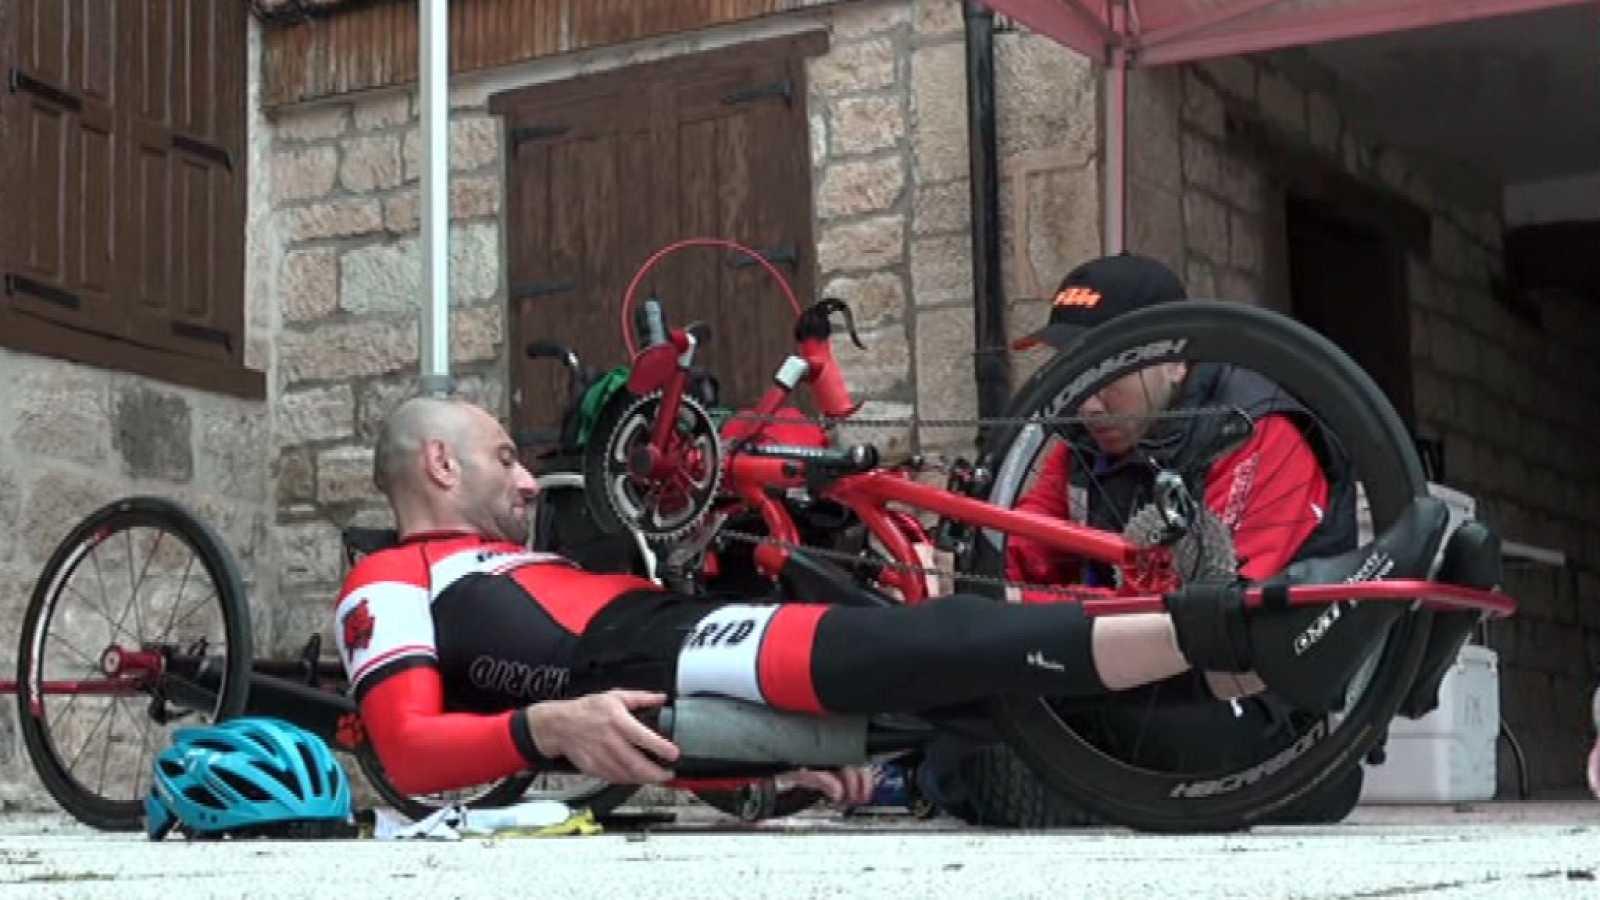 Ciclismo - Campeonato de España de Ciclismo Adaptado - ver ahora